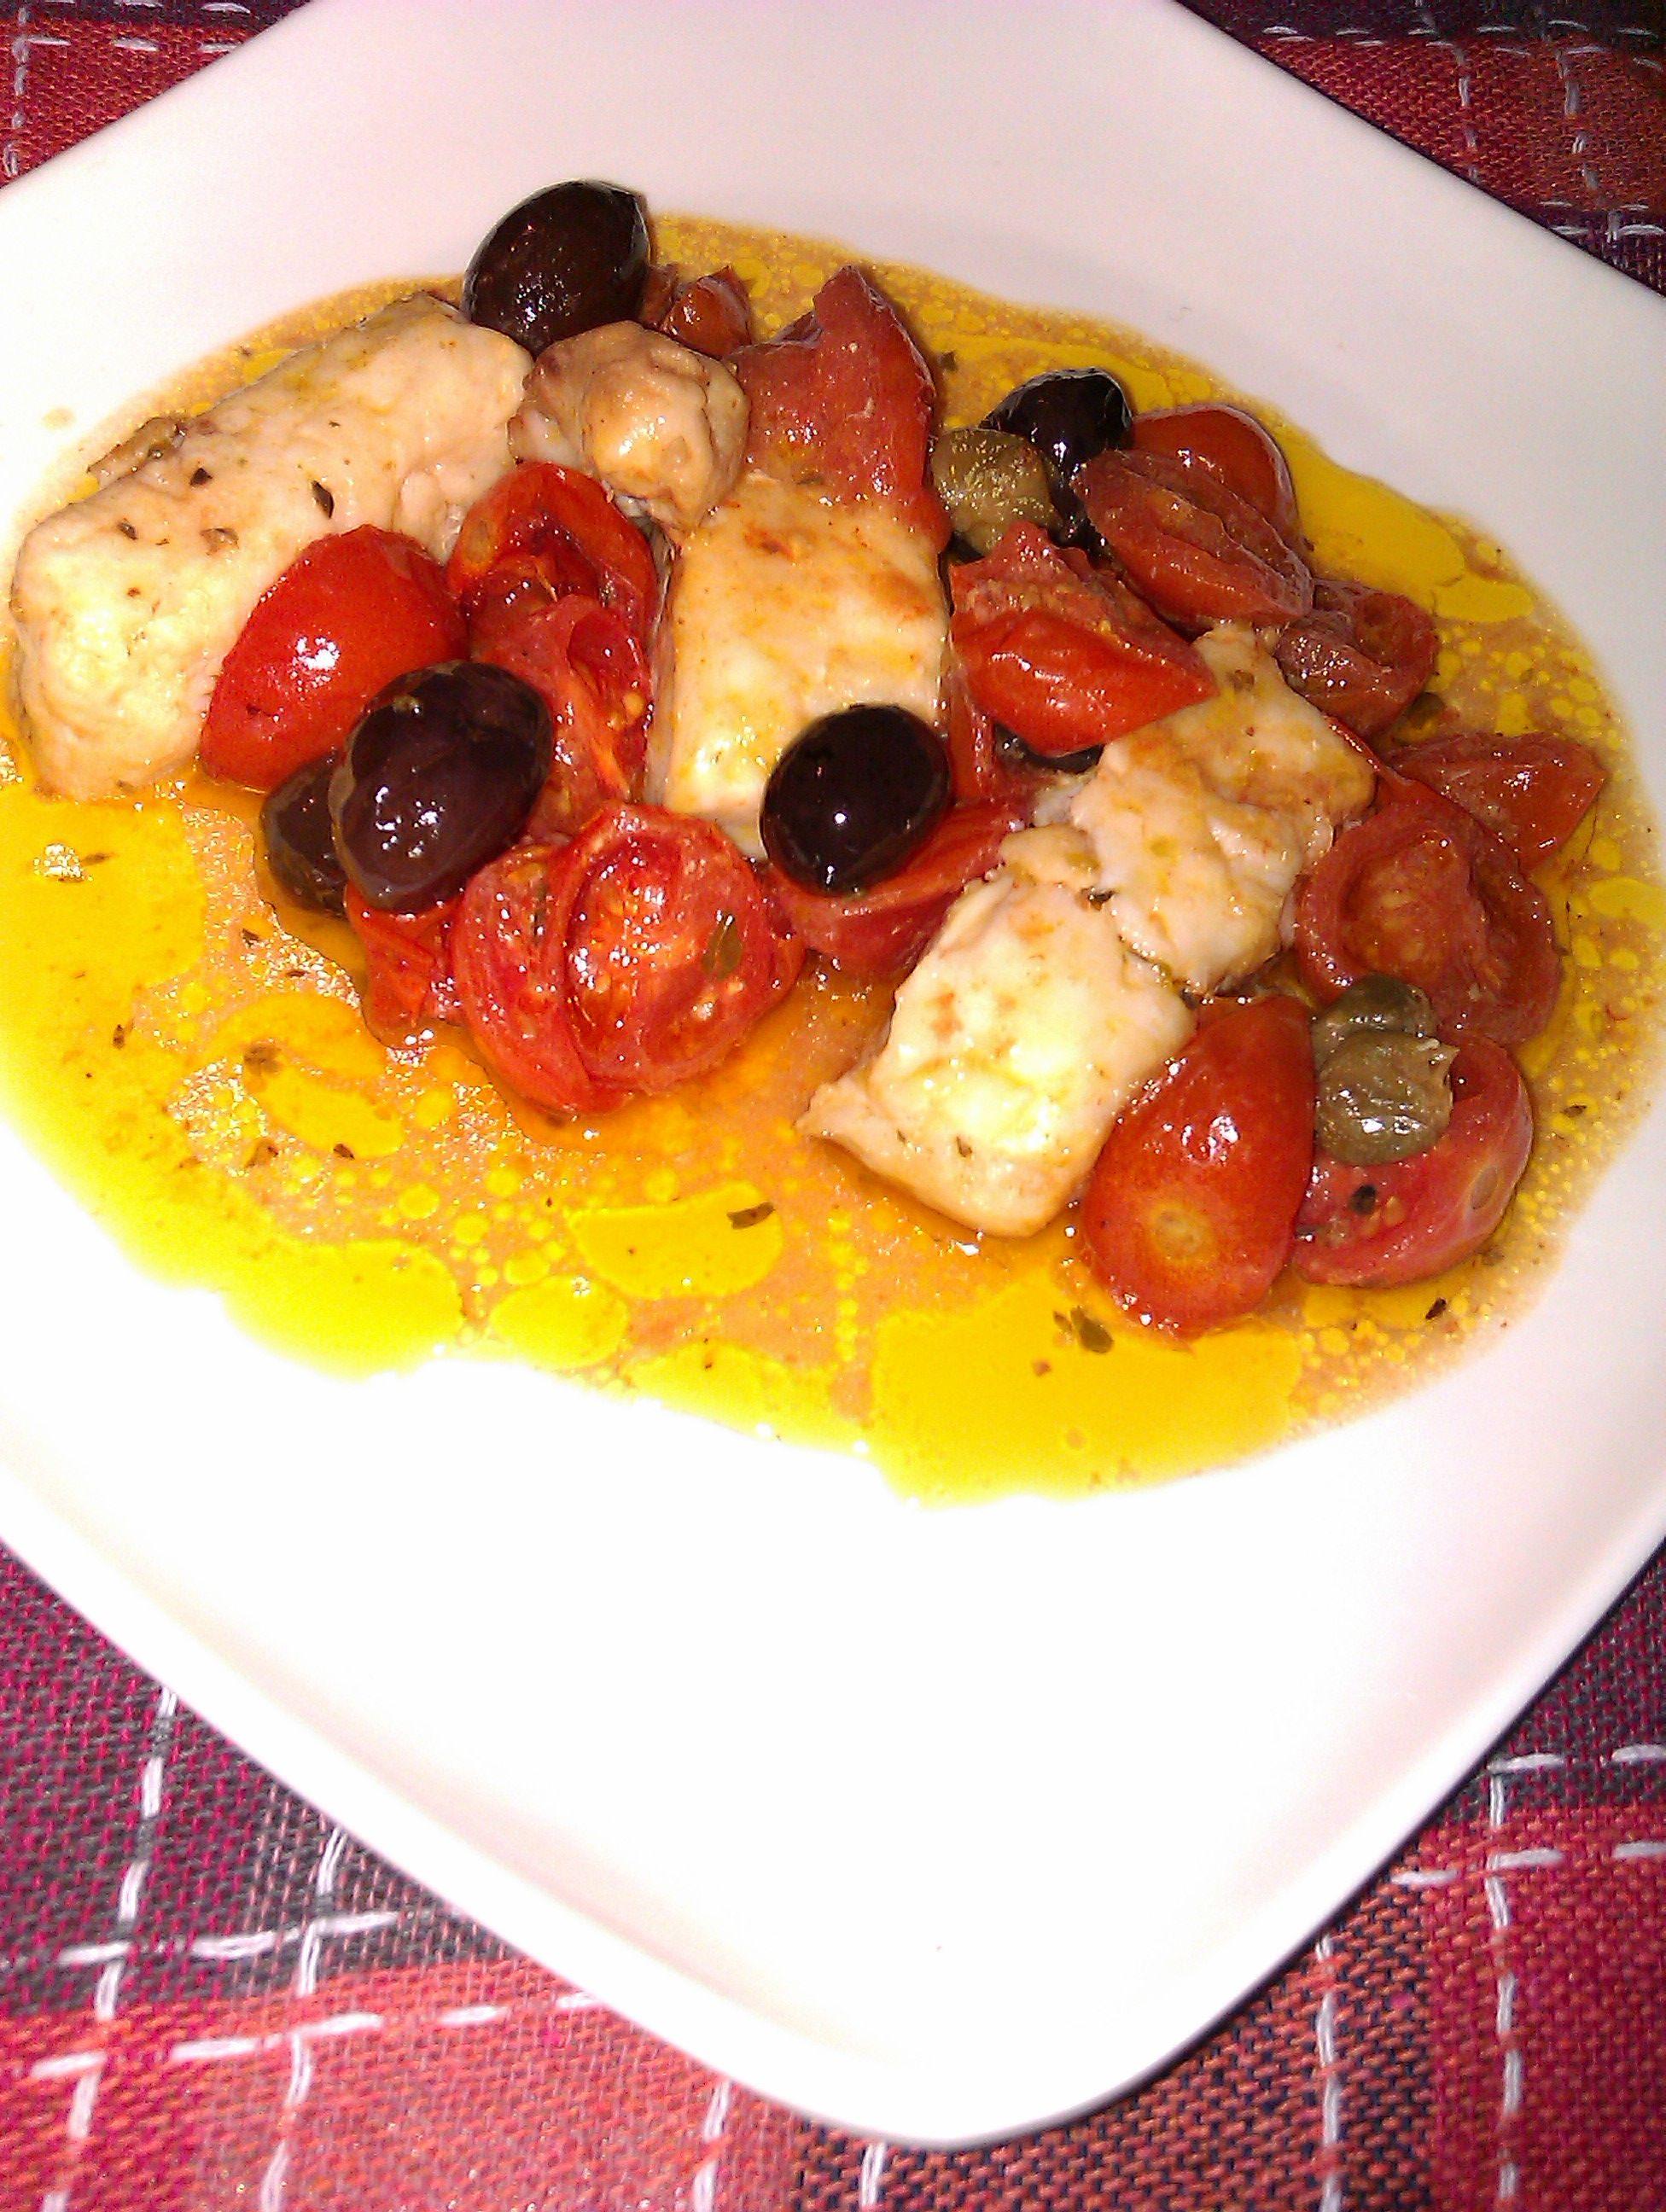 Ricetta Filetto Di Nasello Surgelato A Forno Il Regno In Cucina Ricette Cibi E Bevande Ricette Di Cucina